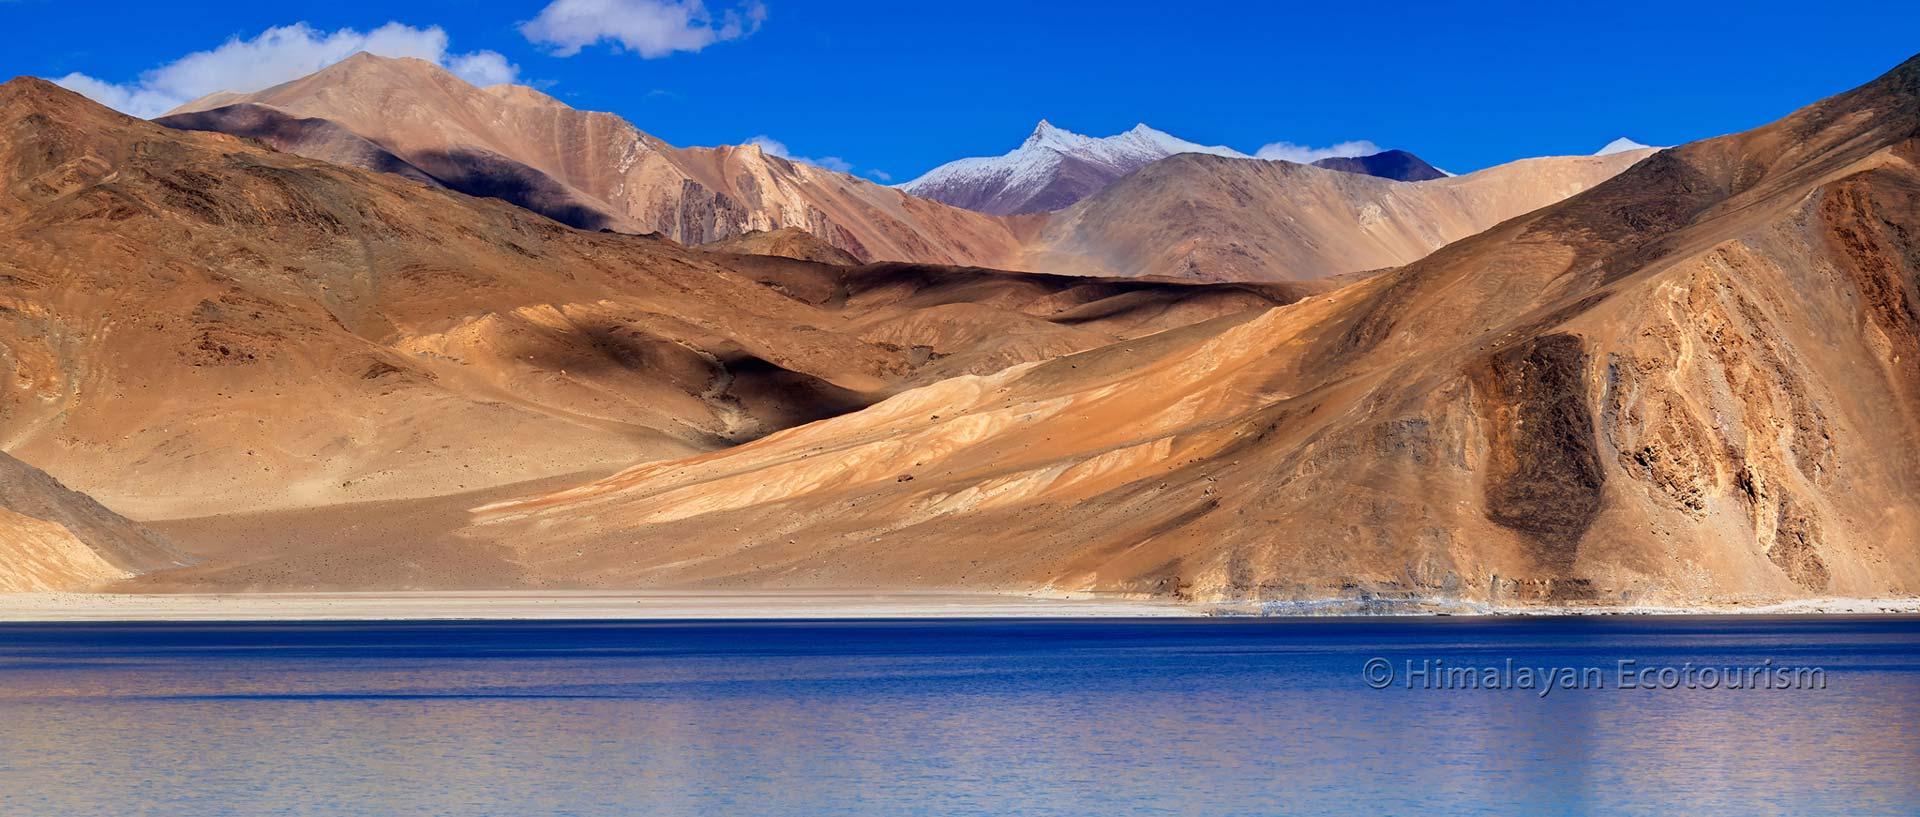 Le lac Pangong Tso, Ladakh